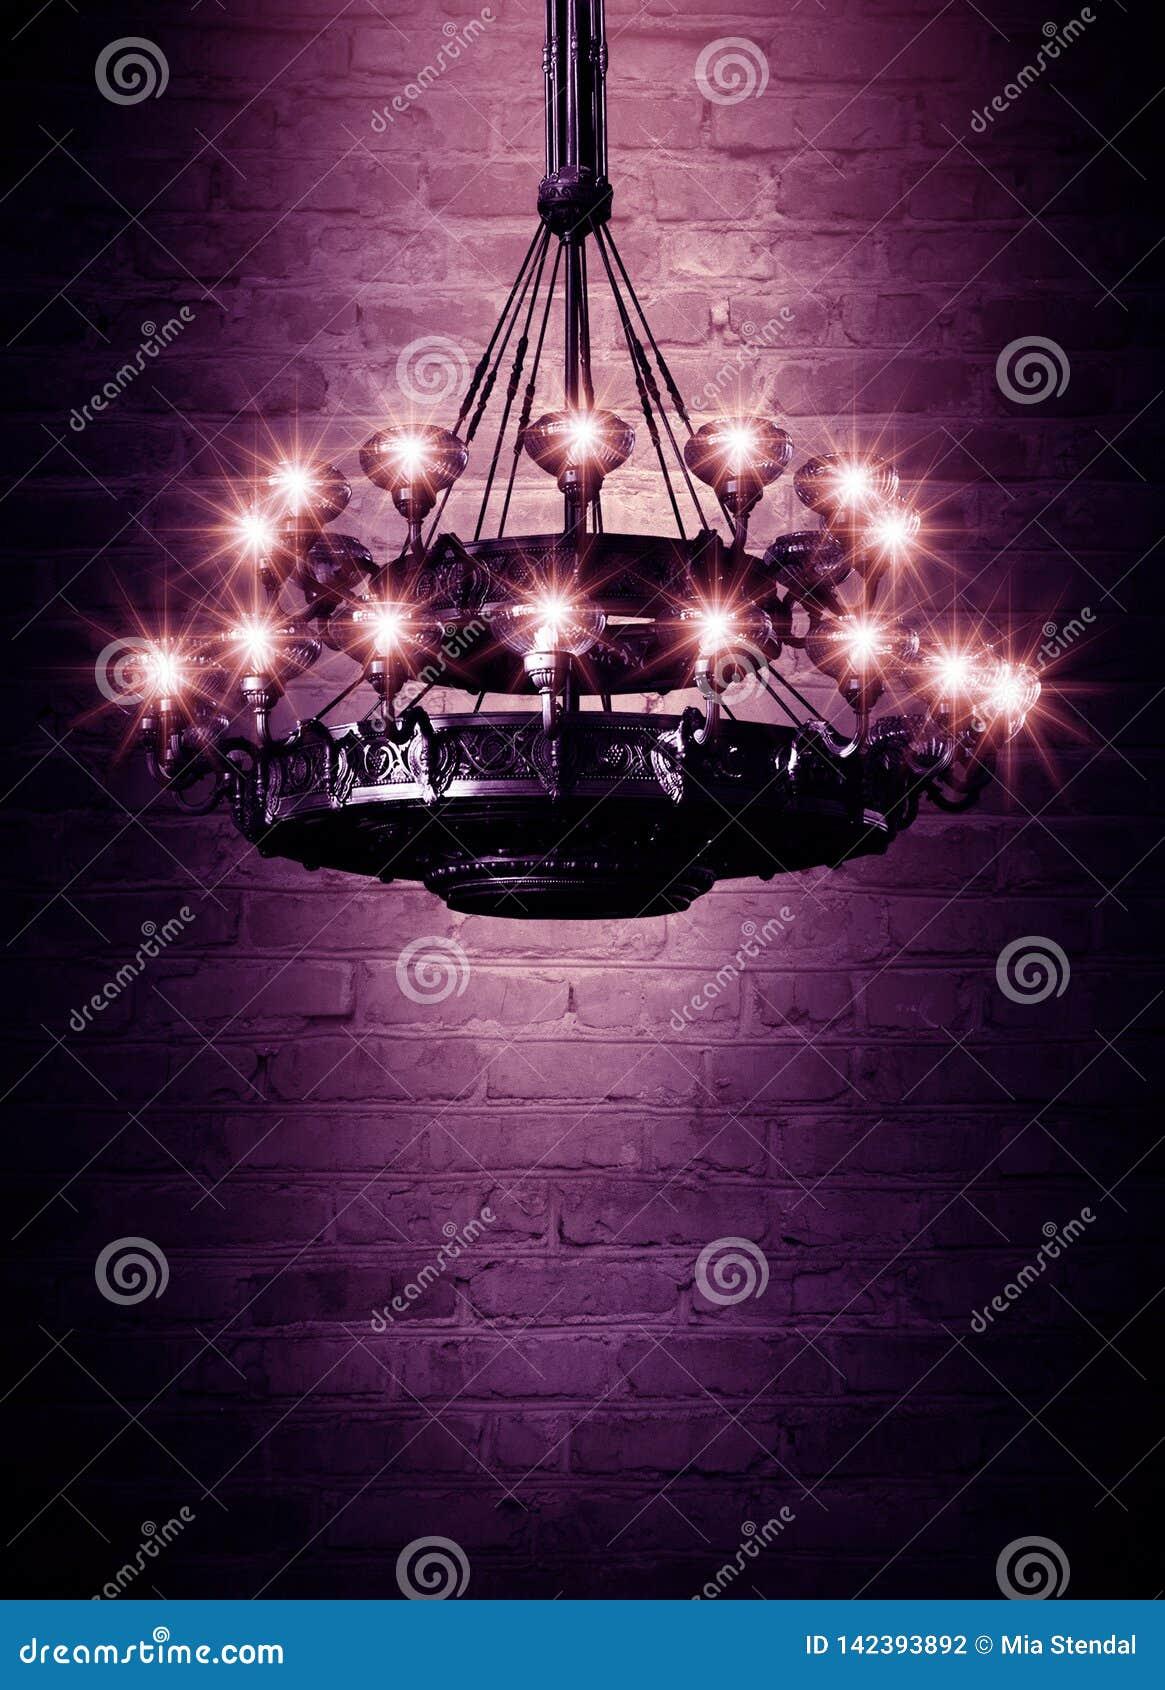 Bakgrundsabstrakt begrepp, abstrakt bakgrund, rök, smog Mörkt rum för nattsikt, rum, korridor med mycket ljus